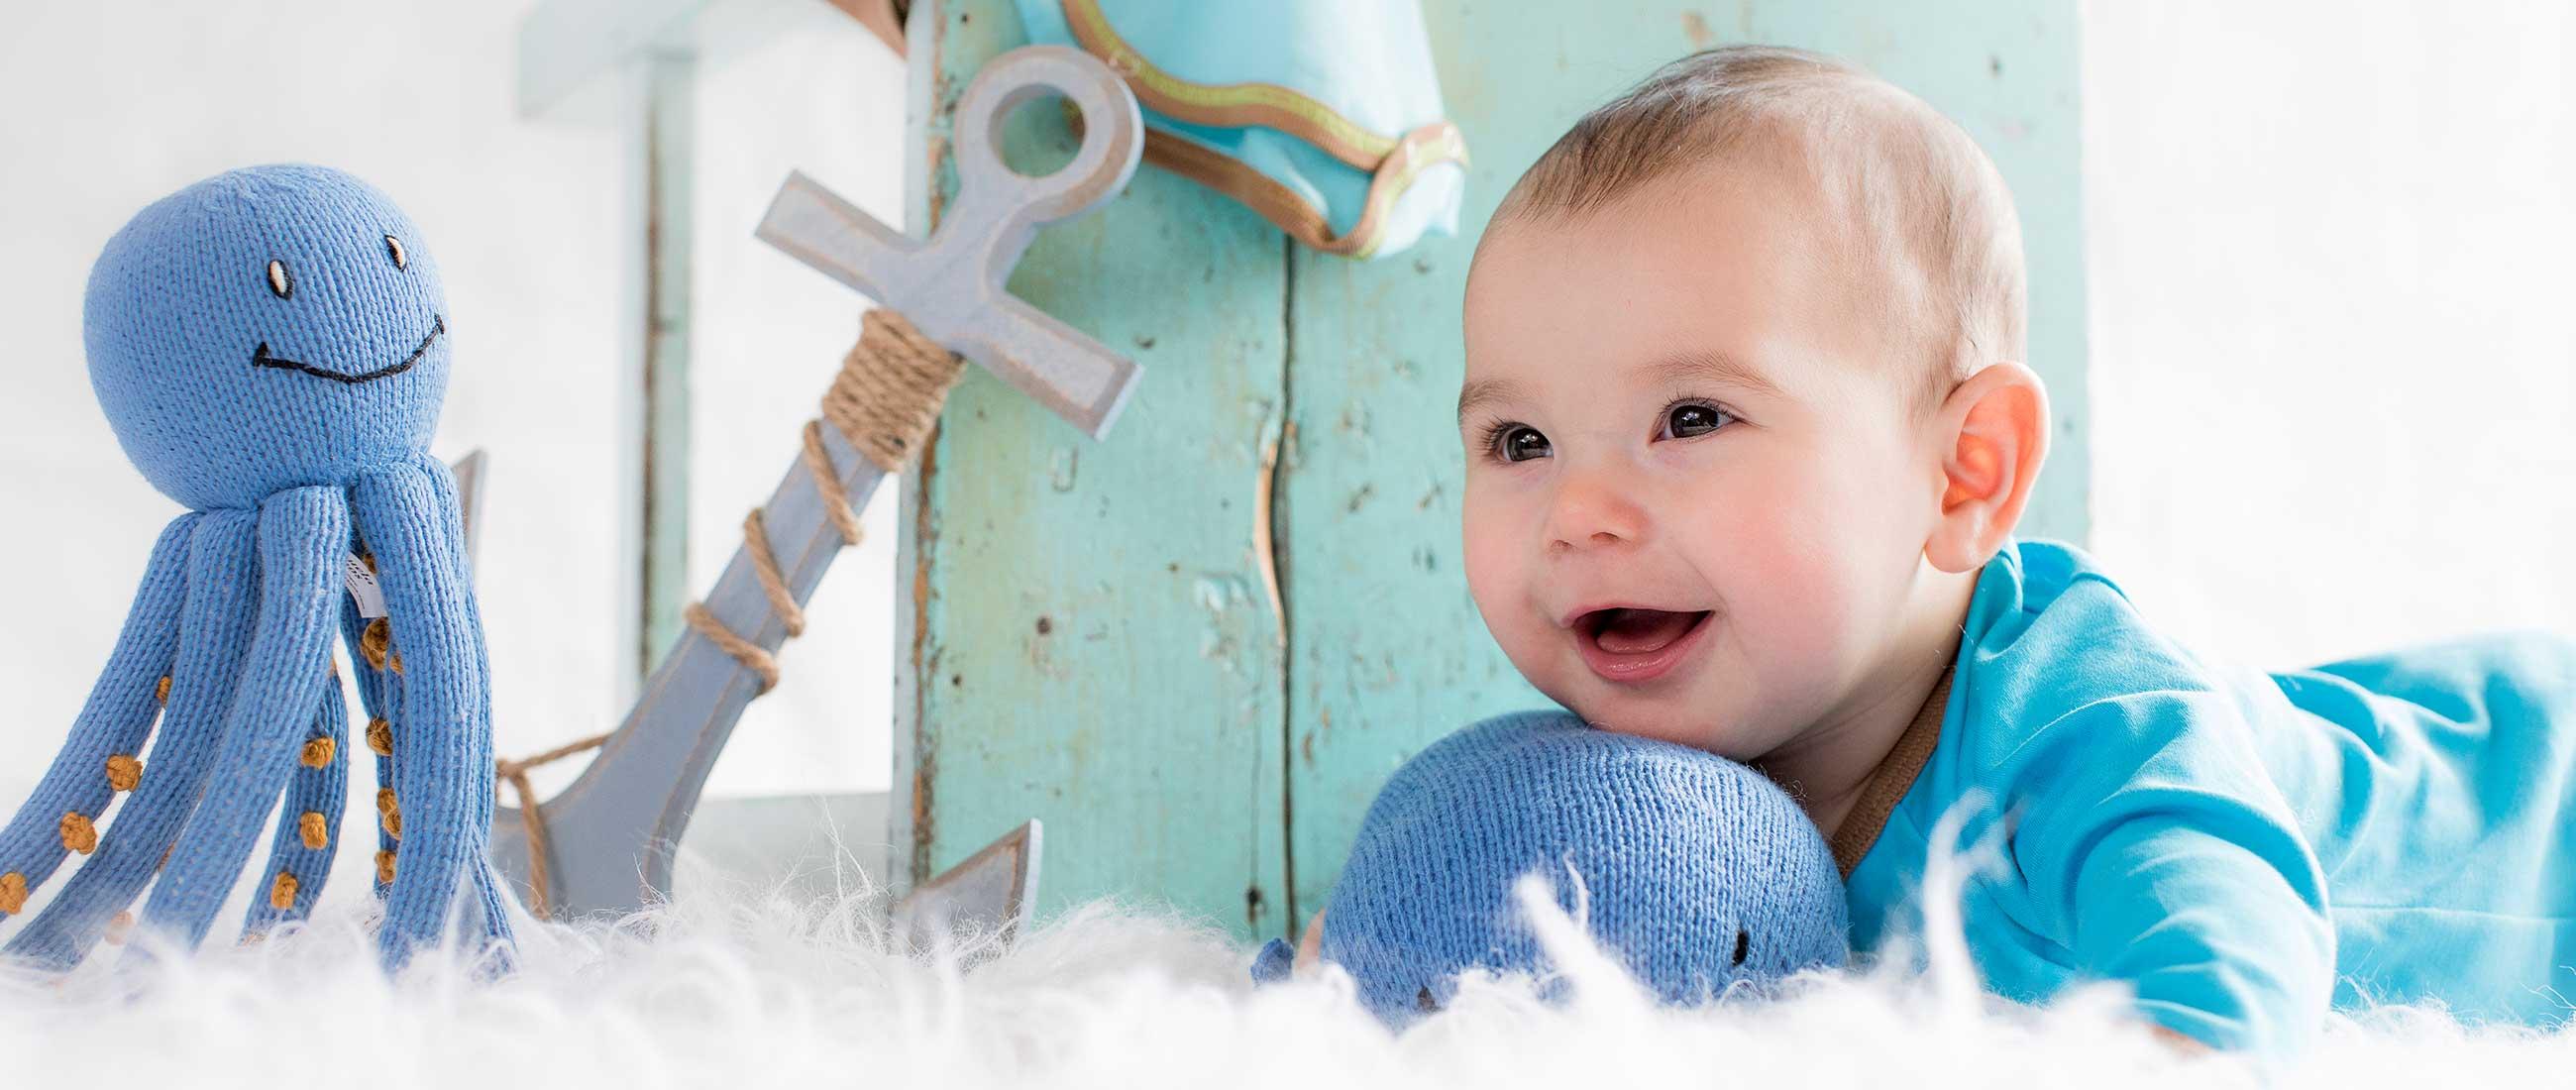 Kuscheltiere_Geburt_Taufe_Handgestrickt_Schadstofffrei_Hautvertäglich_Baby_Geschenke